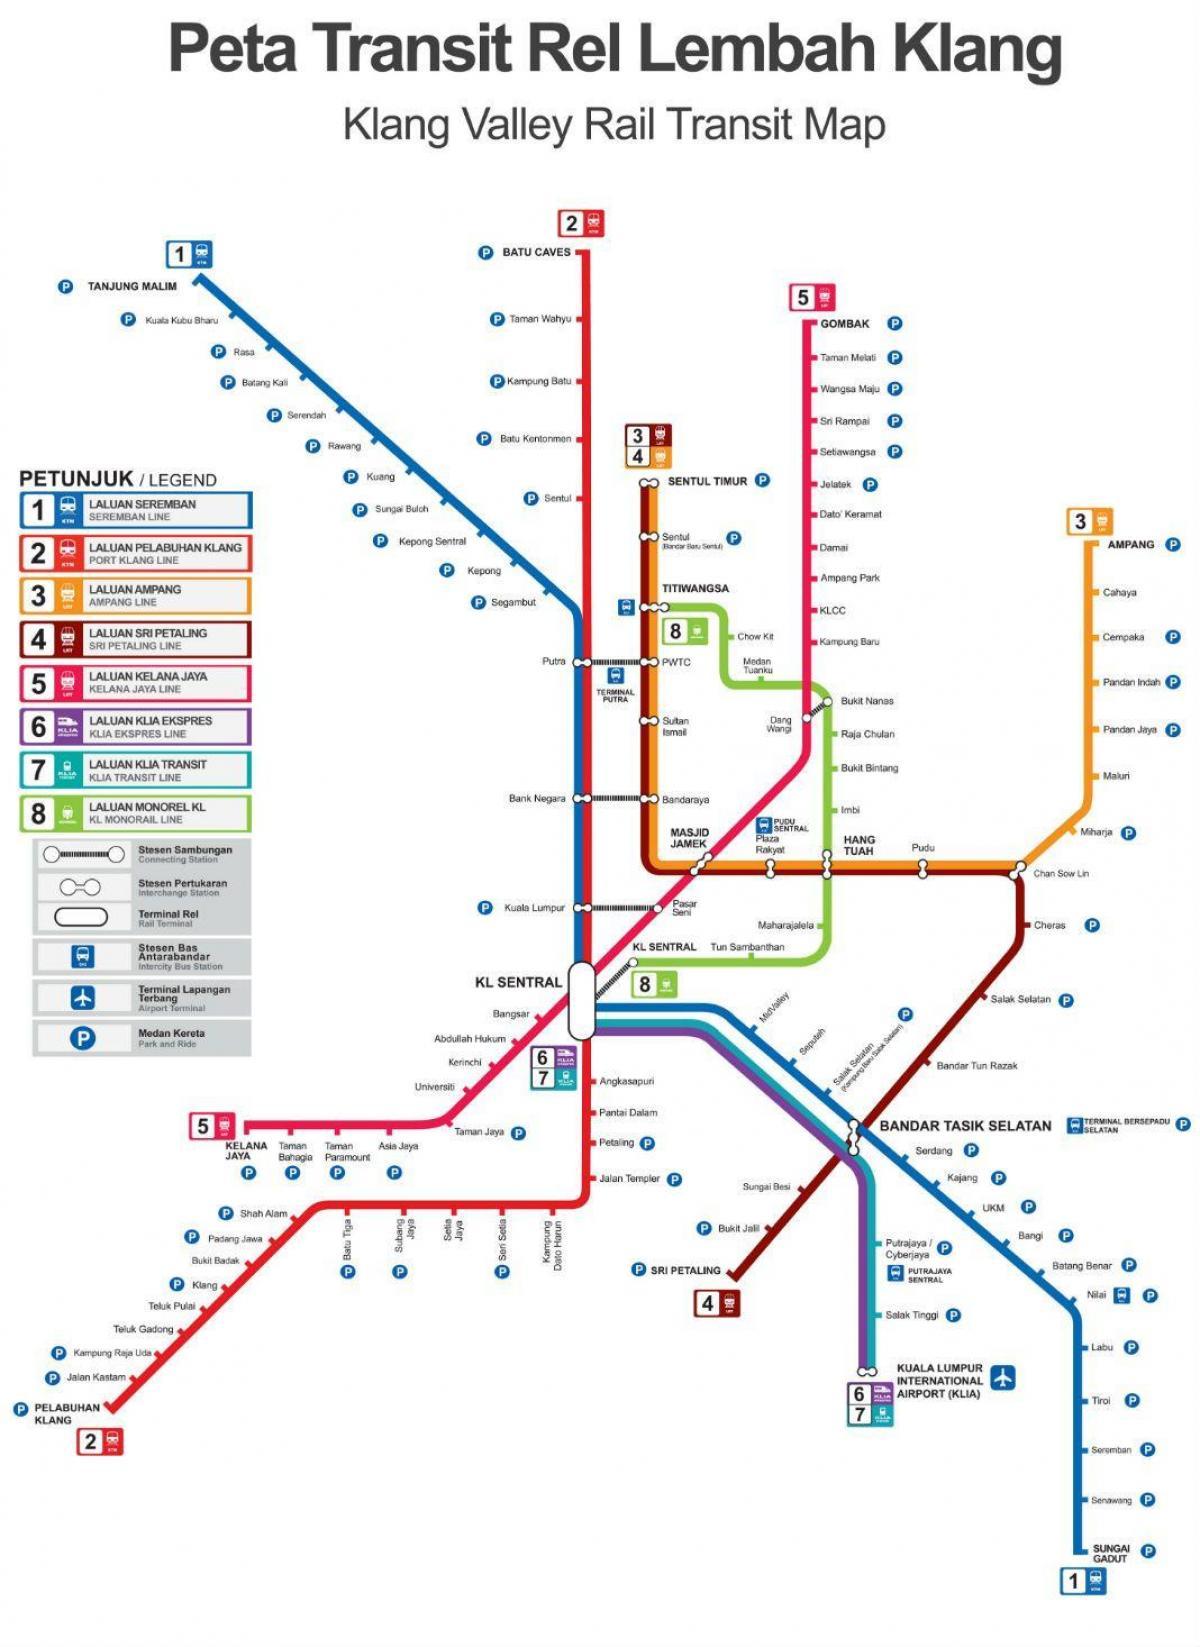 Kl Juna Asema Kartta Kuala Lumpurin Juna Asema Kartta Malesia